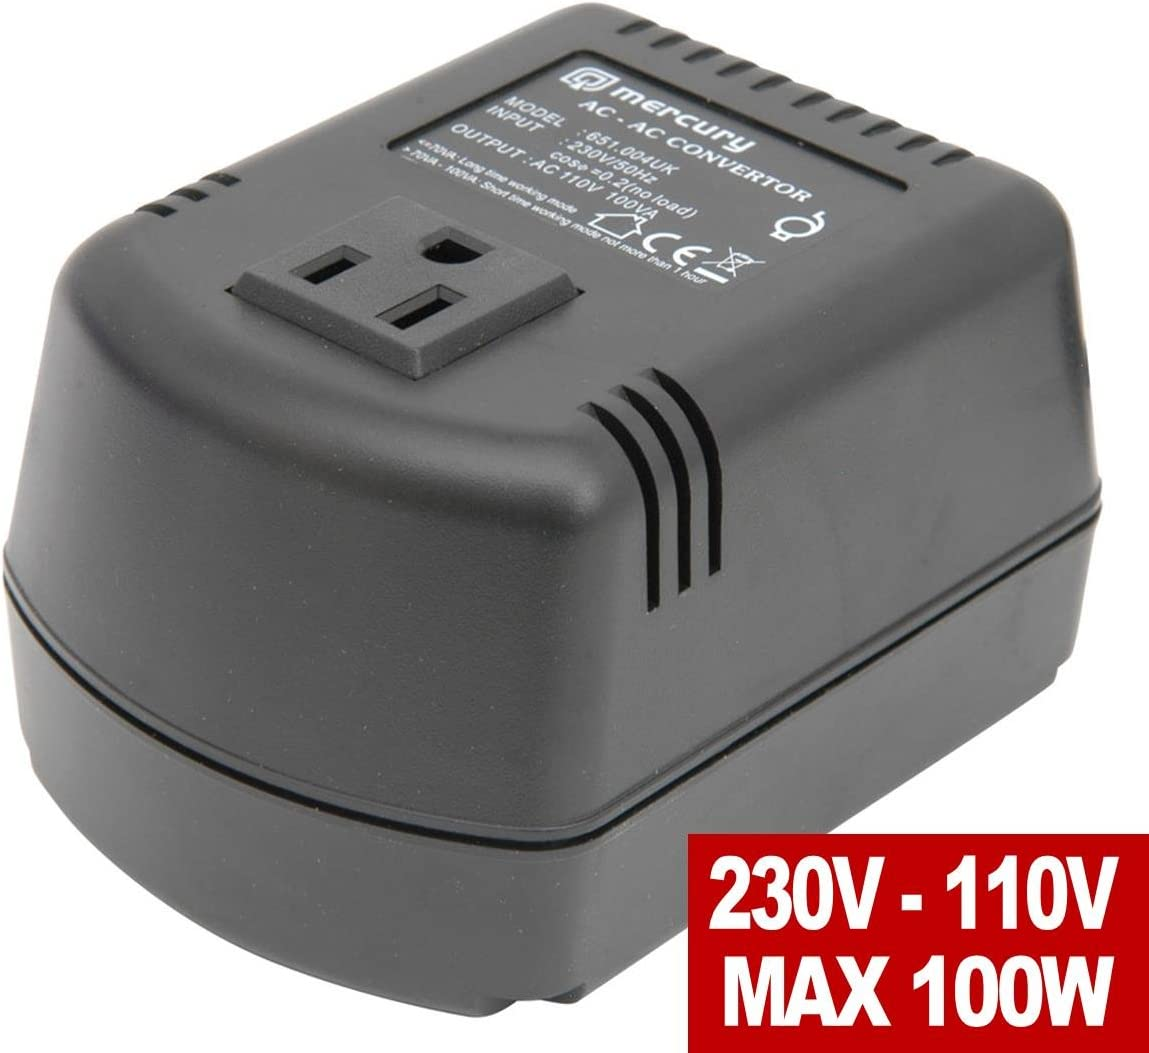 230-110V Step-Down Voltage Converter 100W Desktop